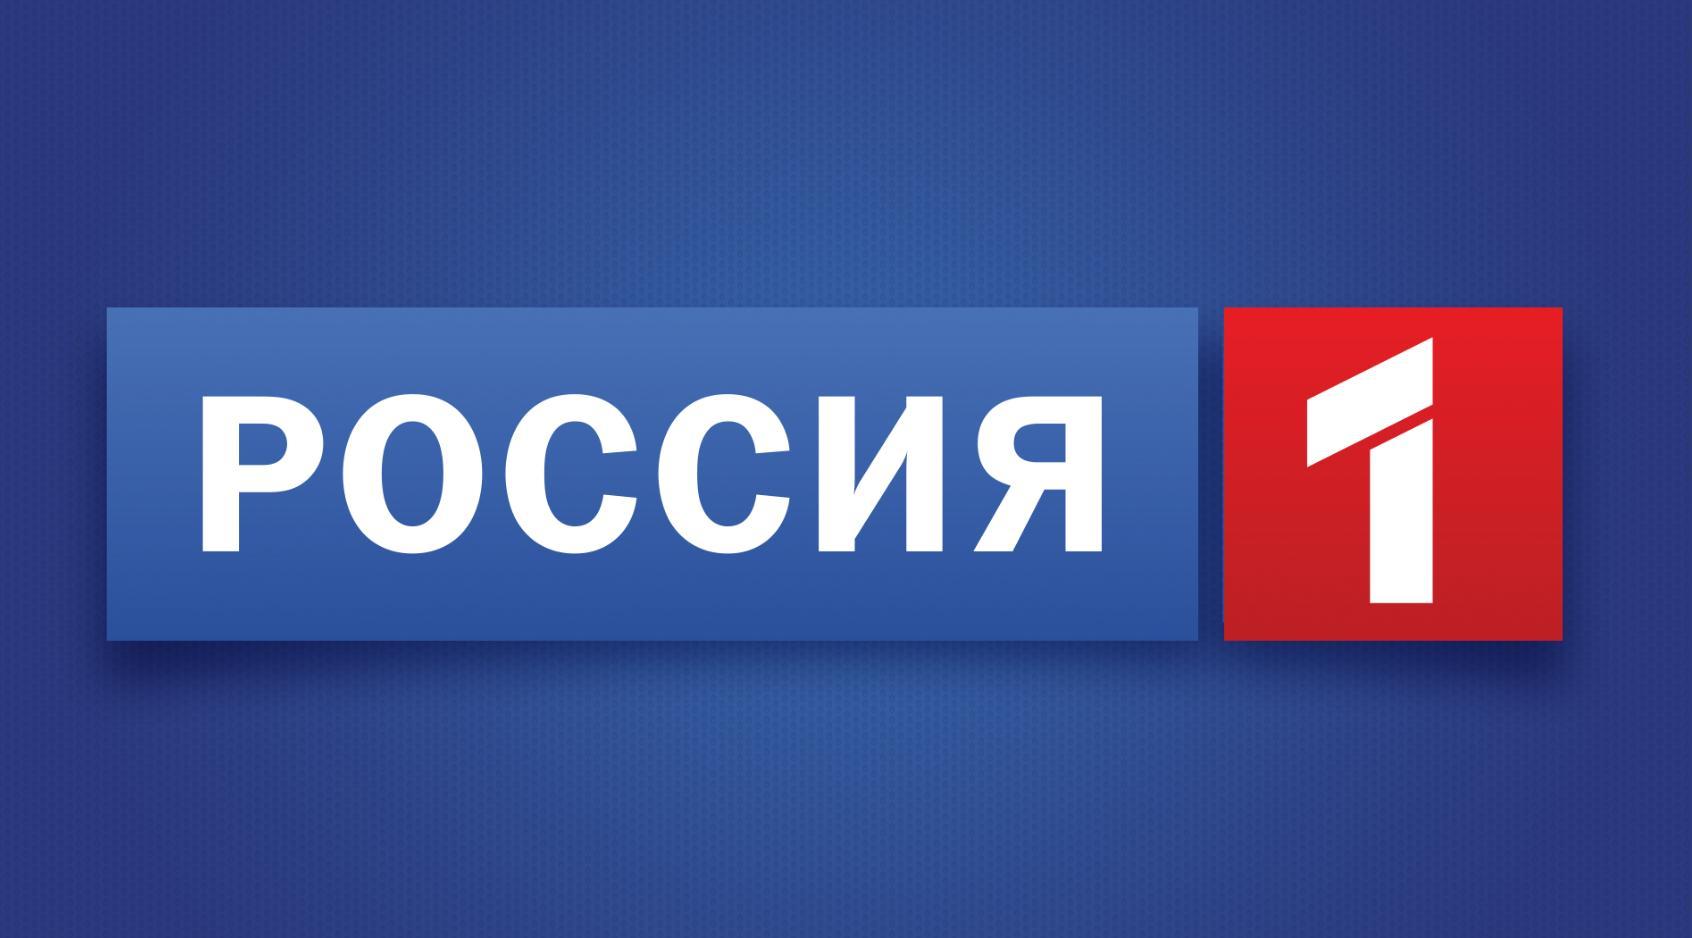 Программа передач россия 1 сегодня владивосток